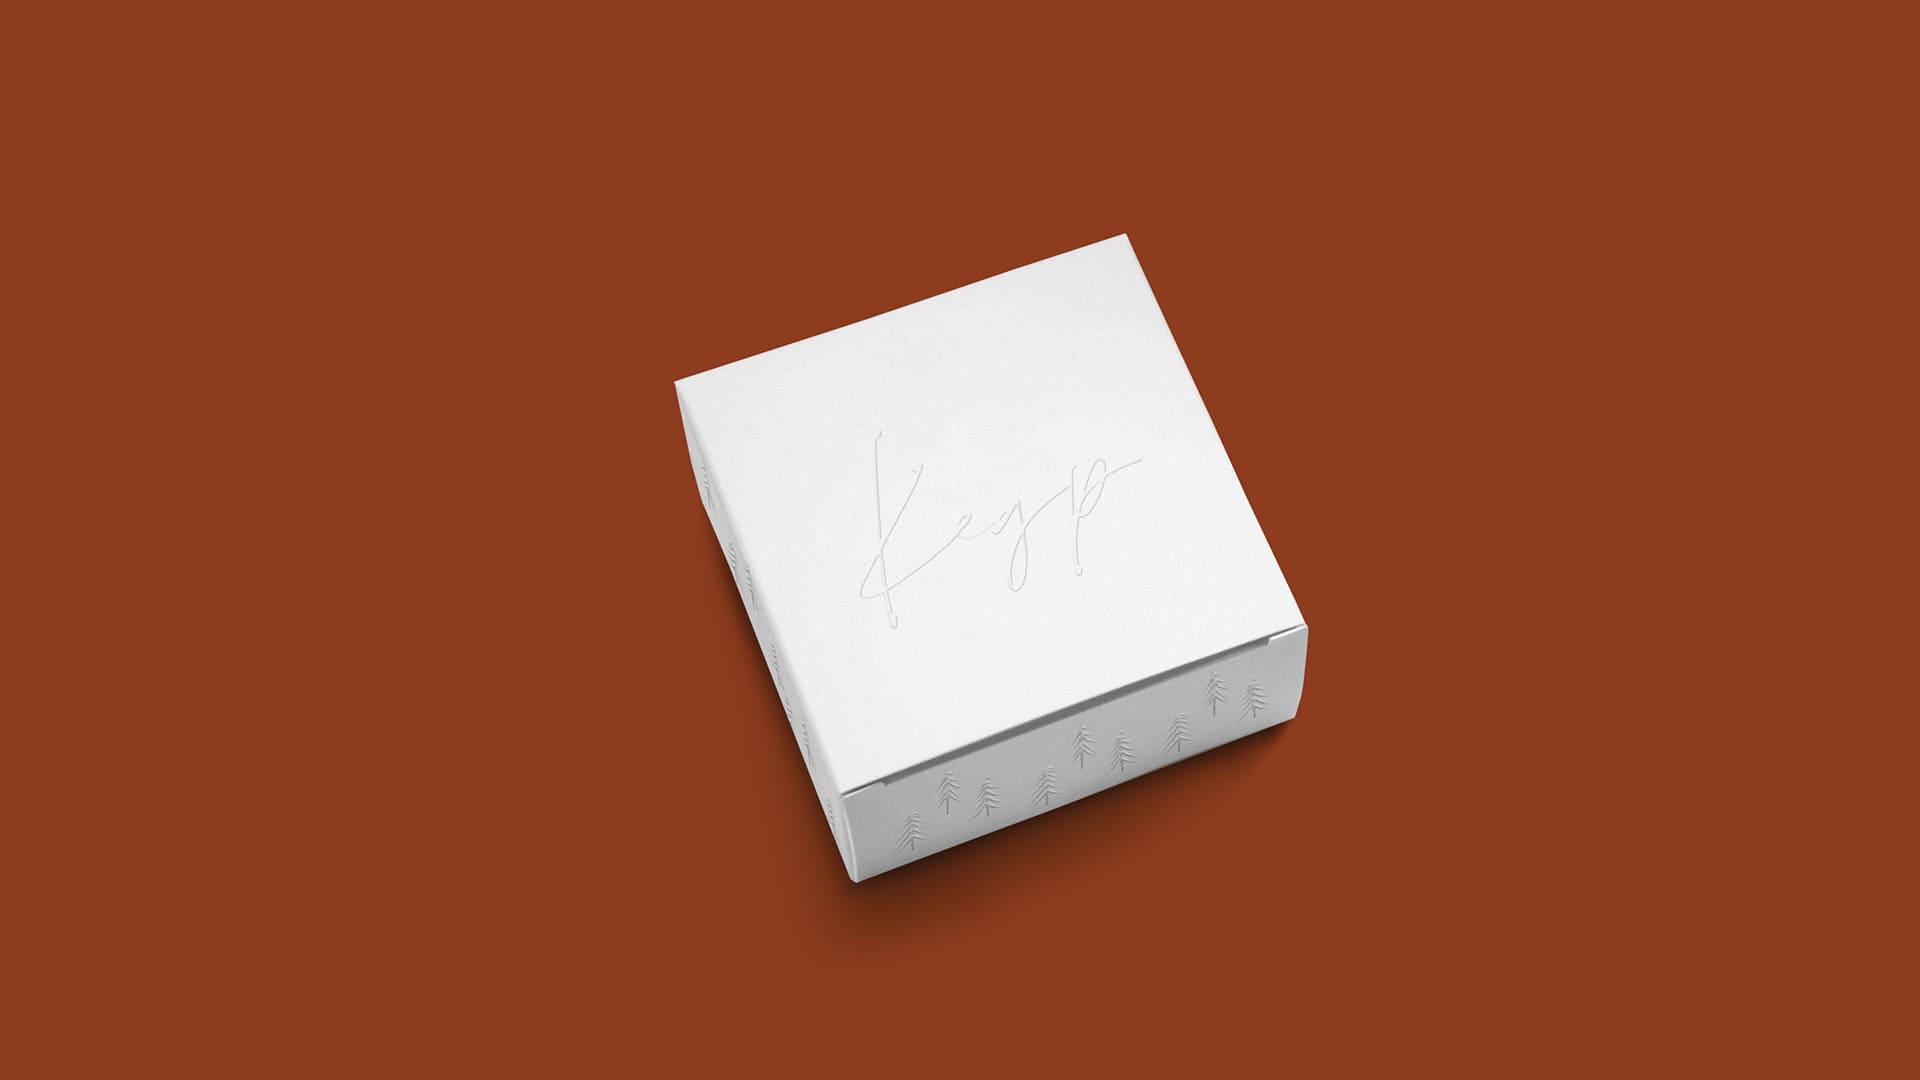 gra brand design kedr 19